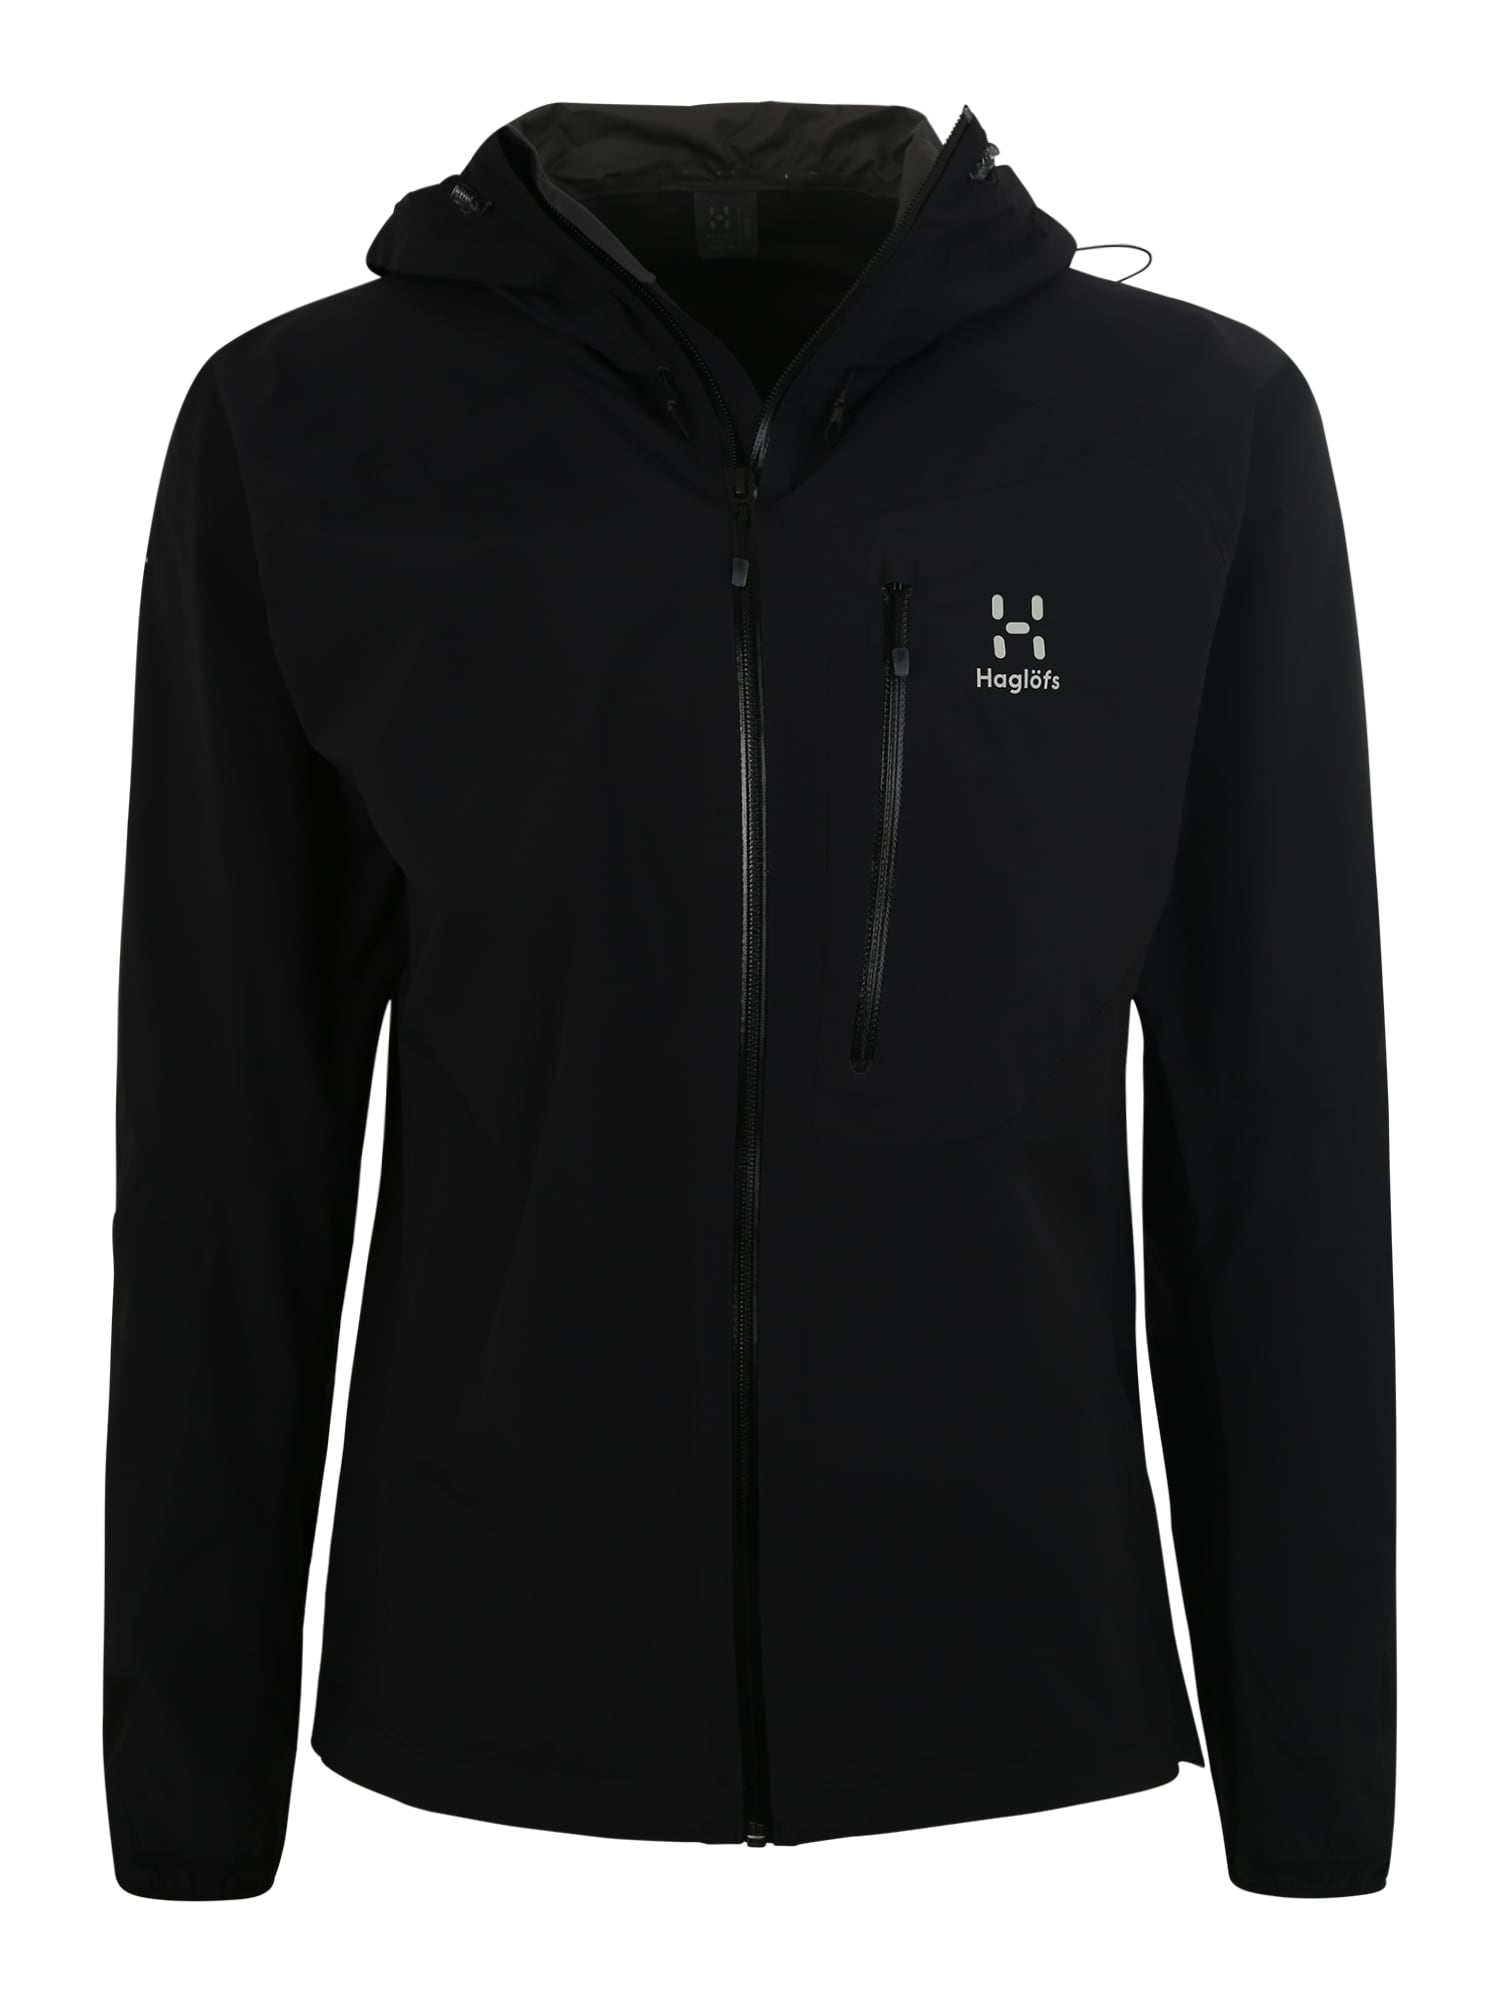 Outdoorová bunda L.I.M černá Haglöfs